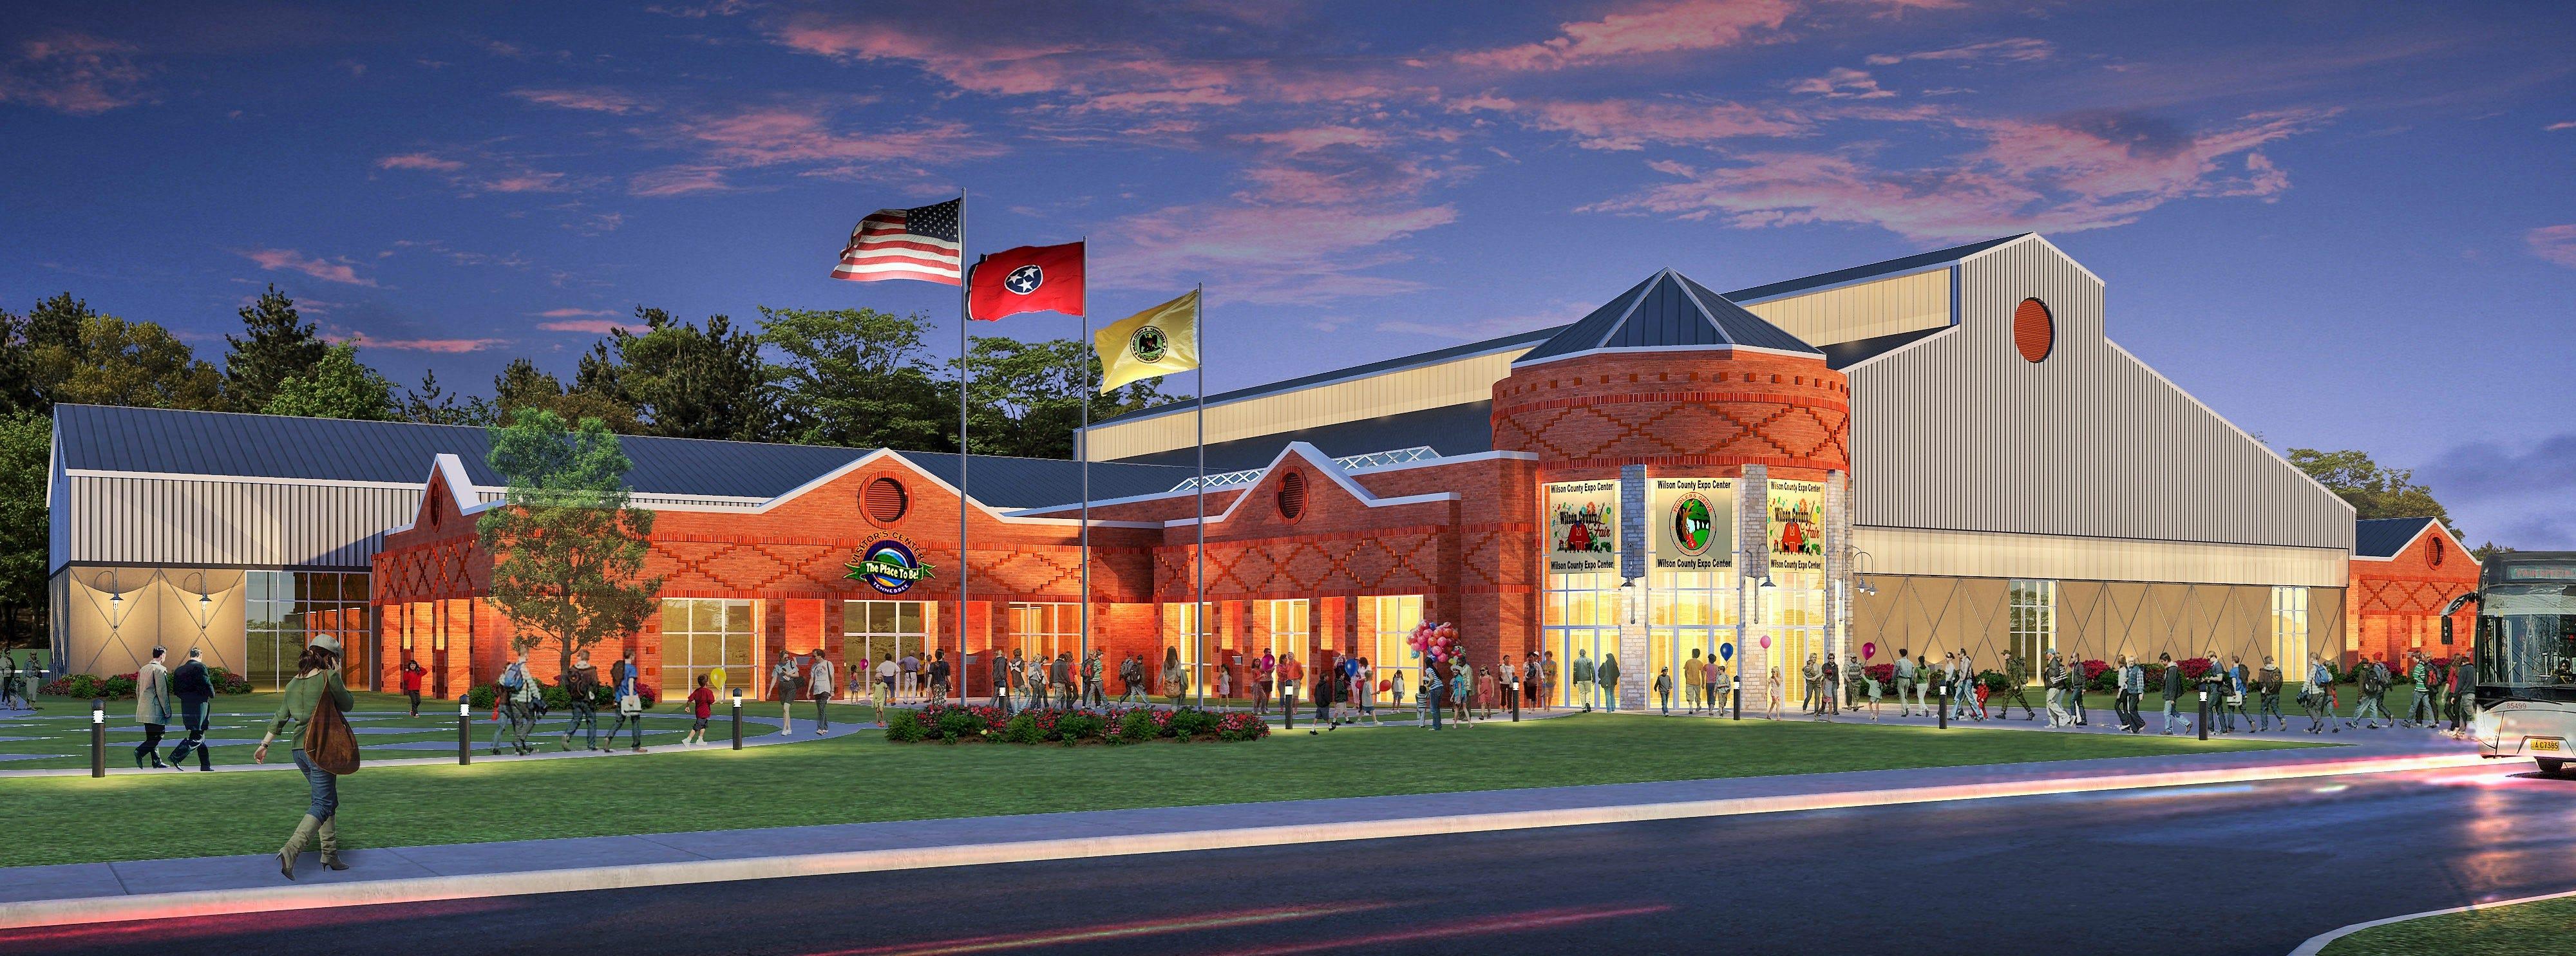 Home Expo Design Center Nashville Tn   Wilson County Approves Expo Center